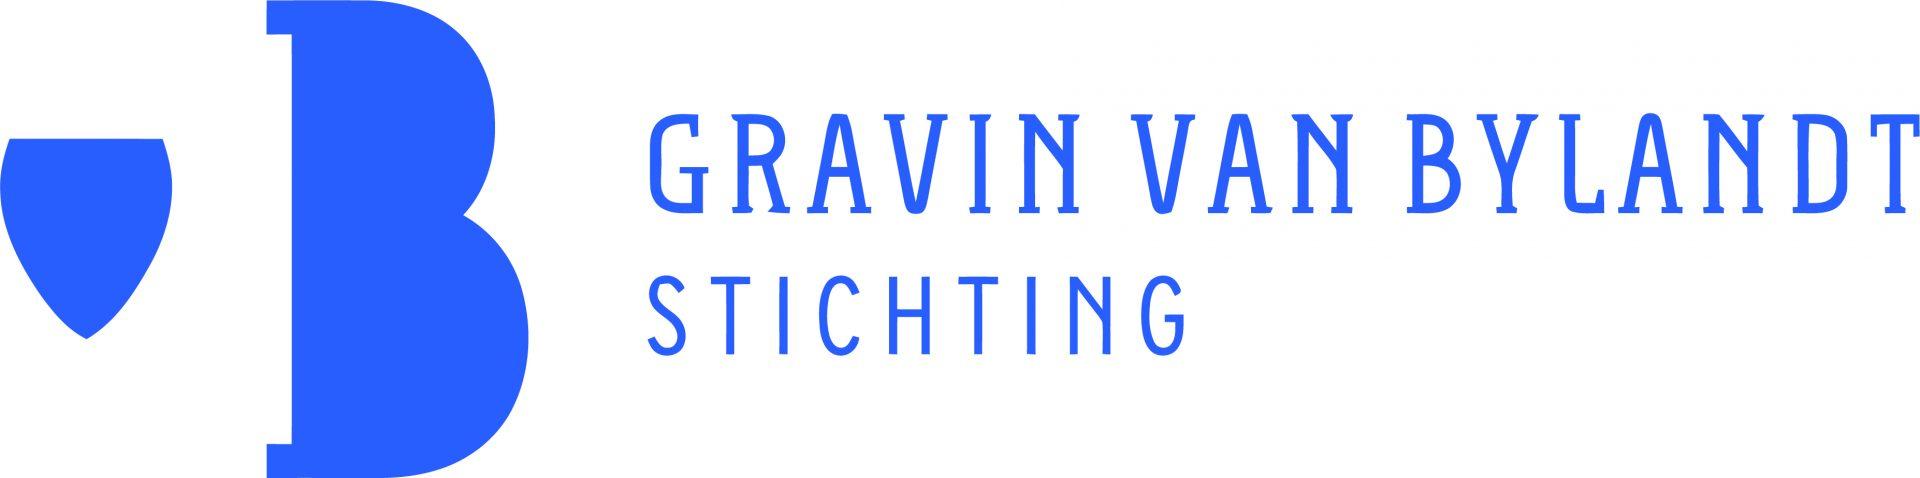 Sponsor Gravin van Bylandt Stichting